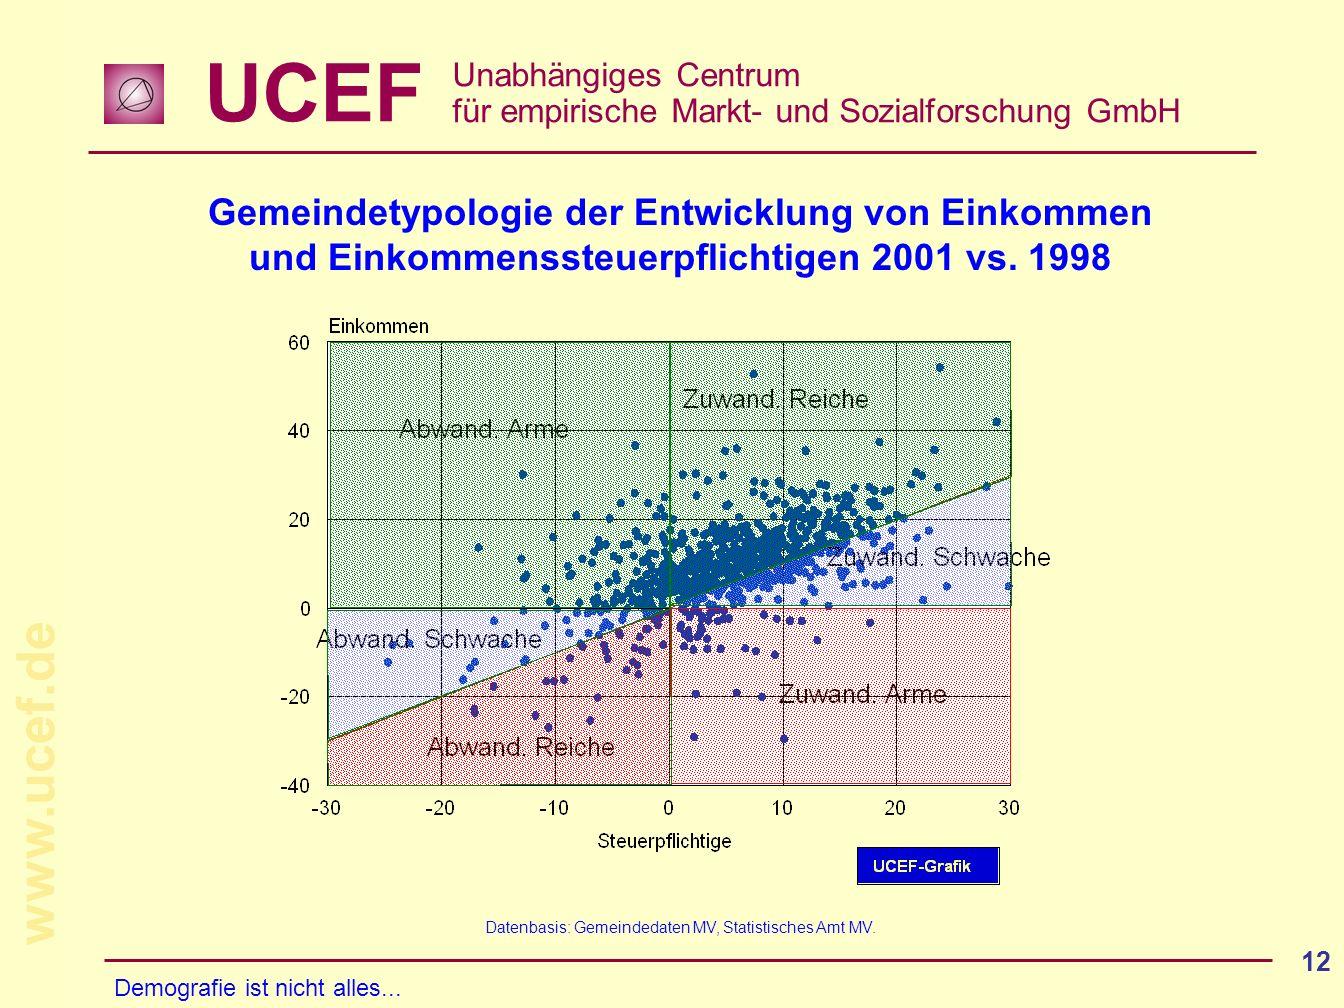 UCEF Unabhängiges Centrum für empirische Markt- und Sozialforschung GmbH www.ucef.de 12 Gemeindetypologie der Entwicklung von Einkommen und Einkommens